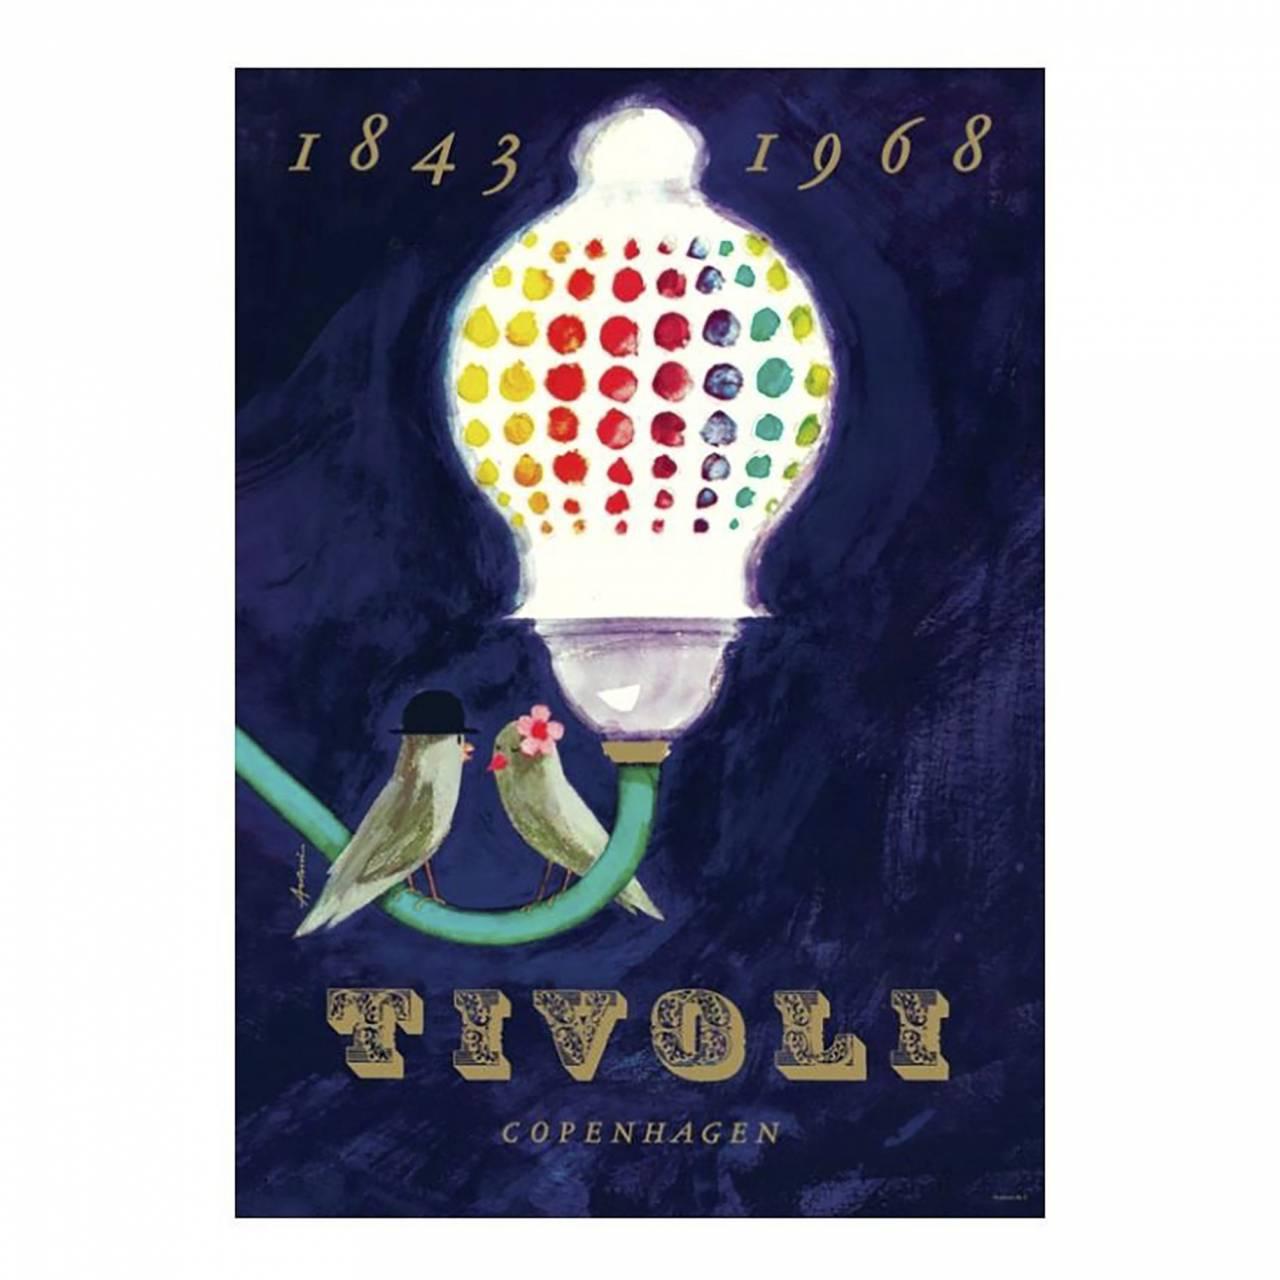 Särtryck av Tivolis jubileumsaffisch från 1968 av Ib Antoni